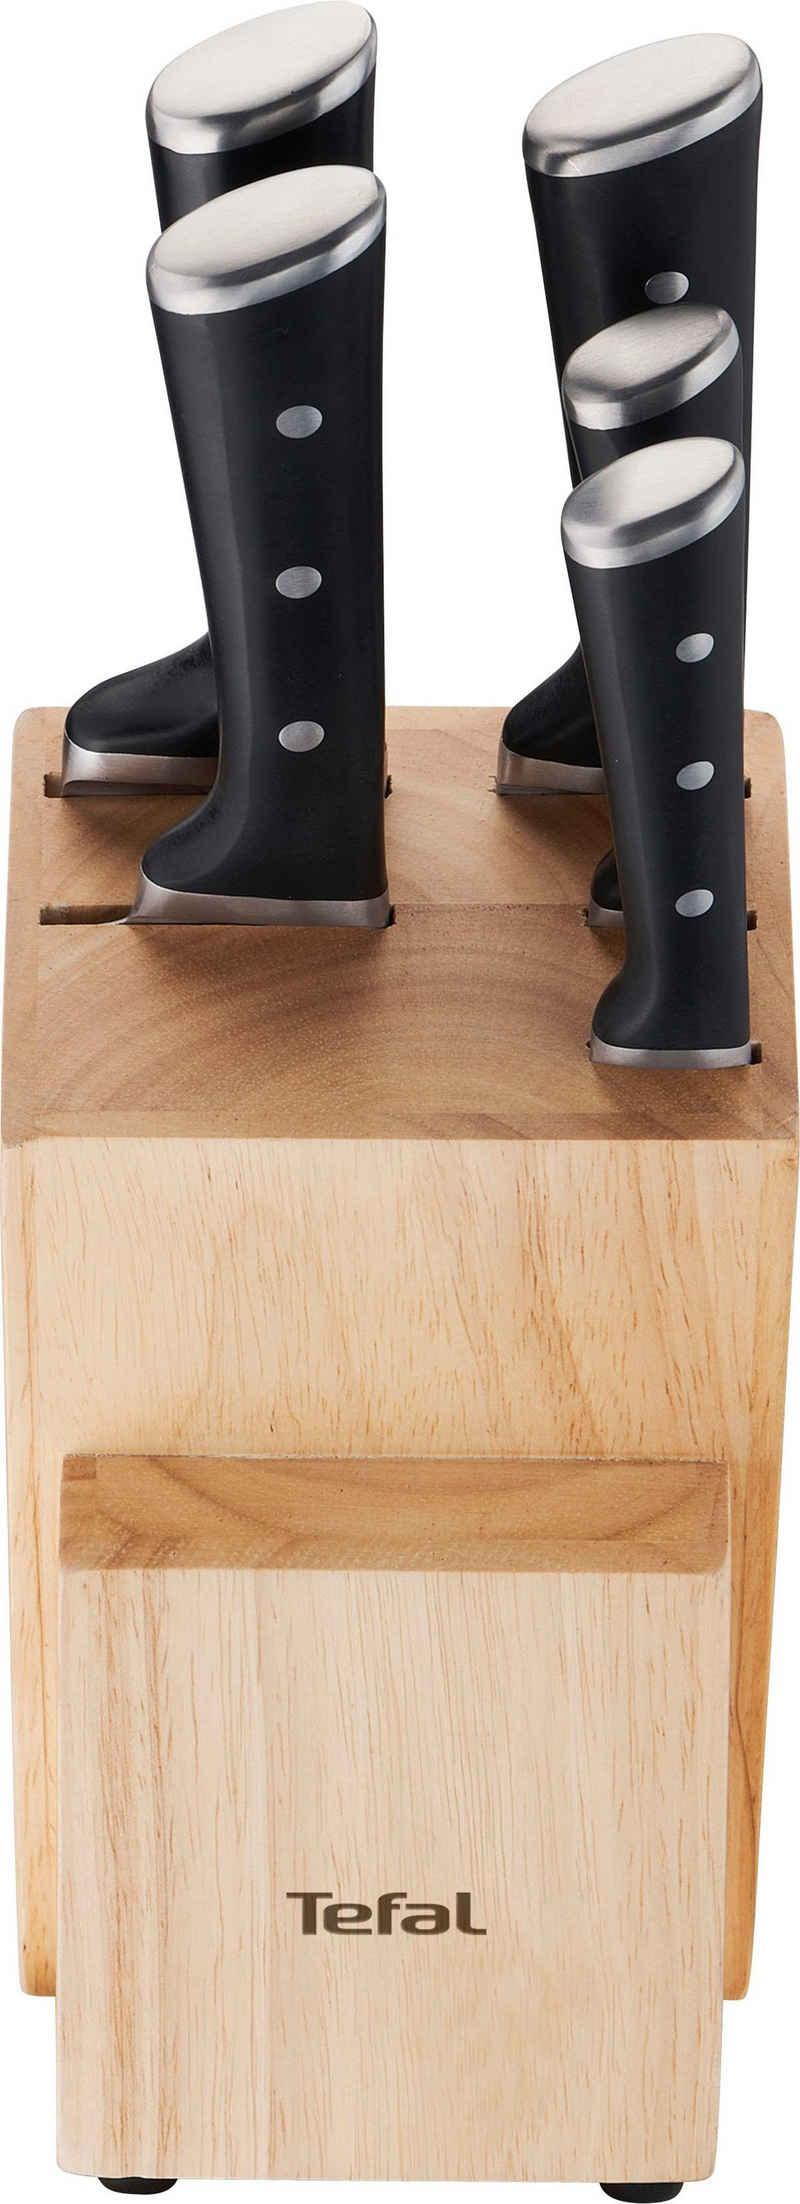 Tefal Messerblock »Ice Force« (6tlg), K232S5, 6-teiliges Set, Ice Force Technologie, dauerhafte Leistungsfähigkeit, formschönes Design, Edelstahl/Holz